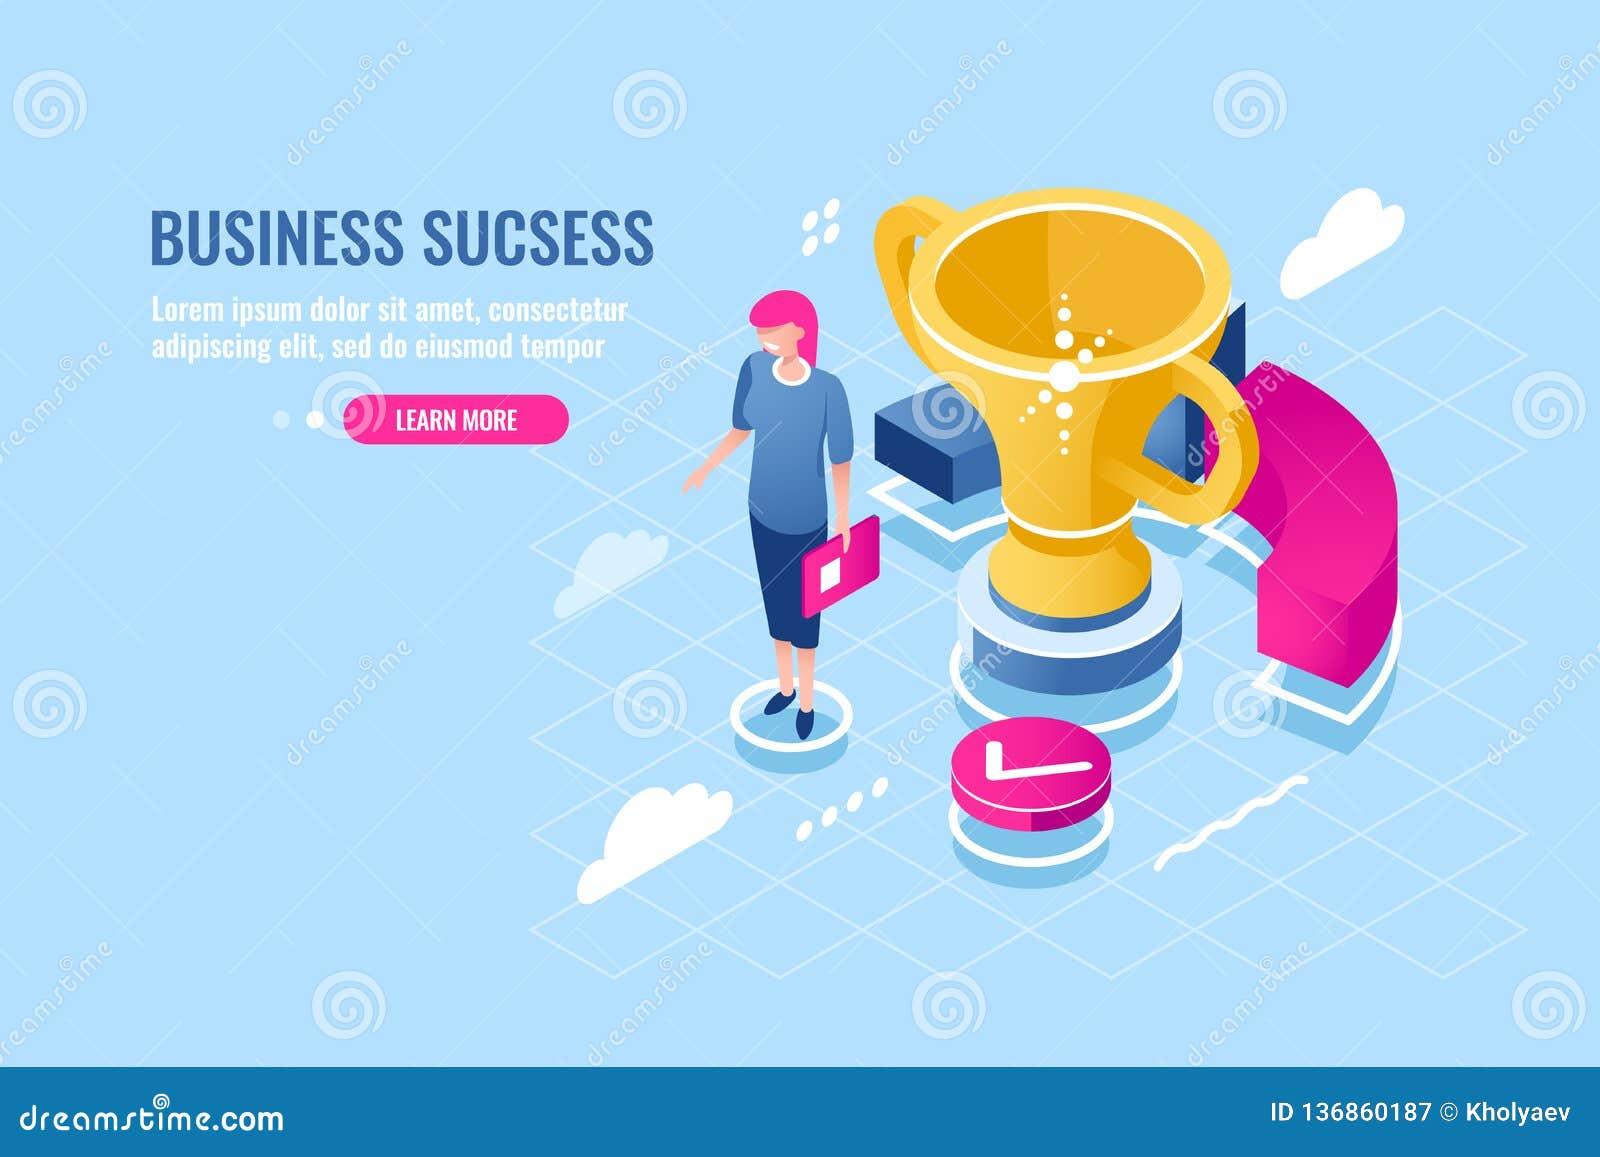 Diretor empresarial bem sucedido, realização do objetivo, mulheres do sucesso, concessão merecida, moça com copo dourado, finança